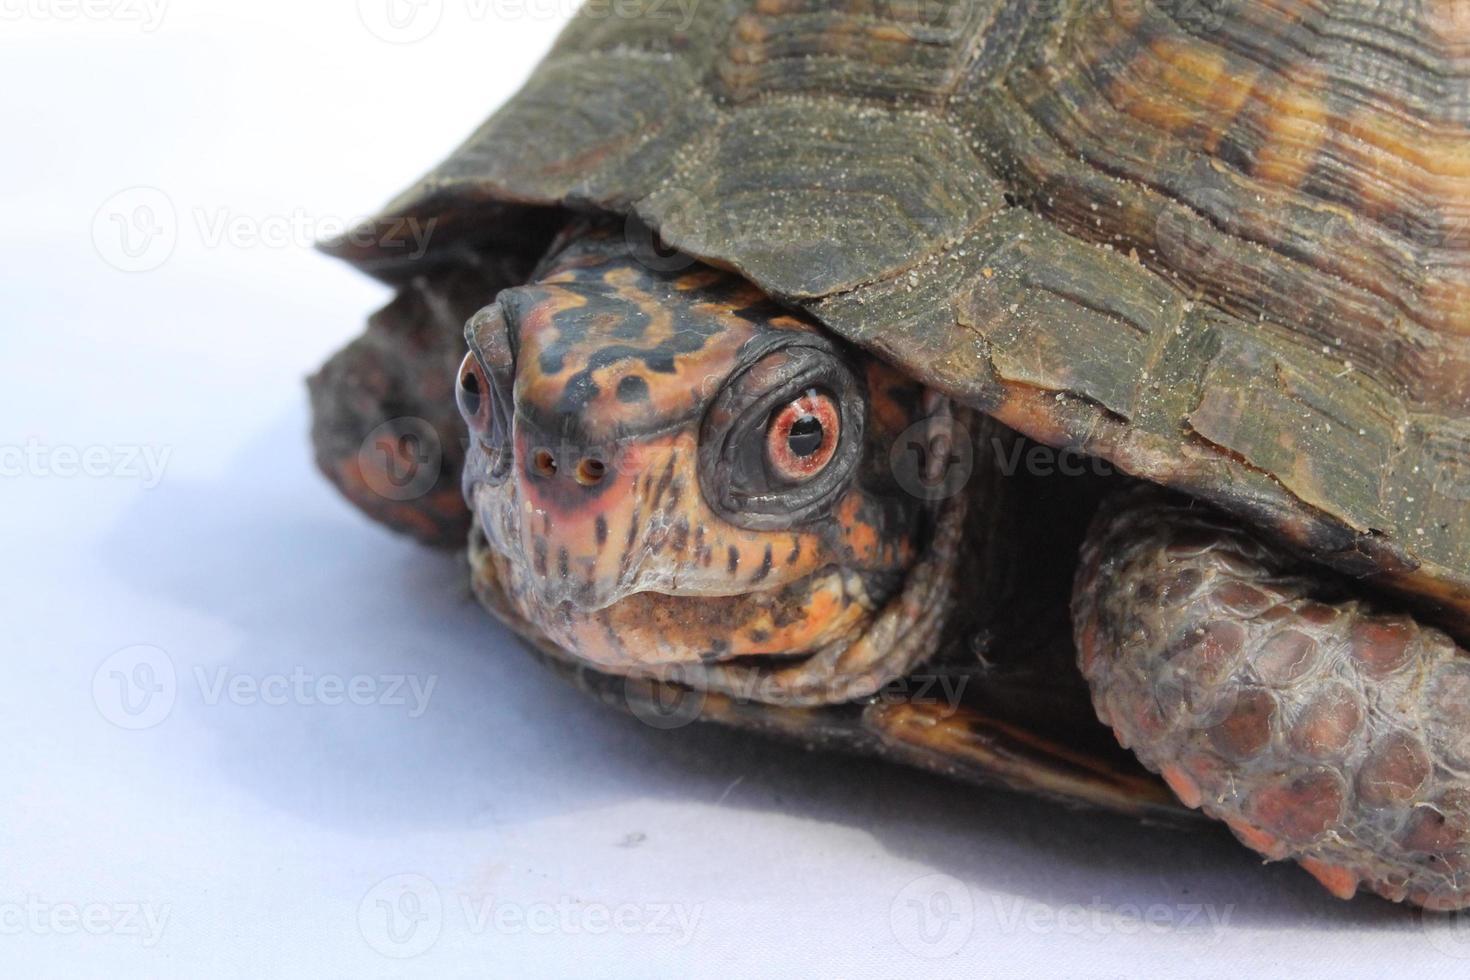 tartaruga de dia ensolarado foto